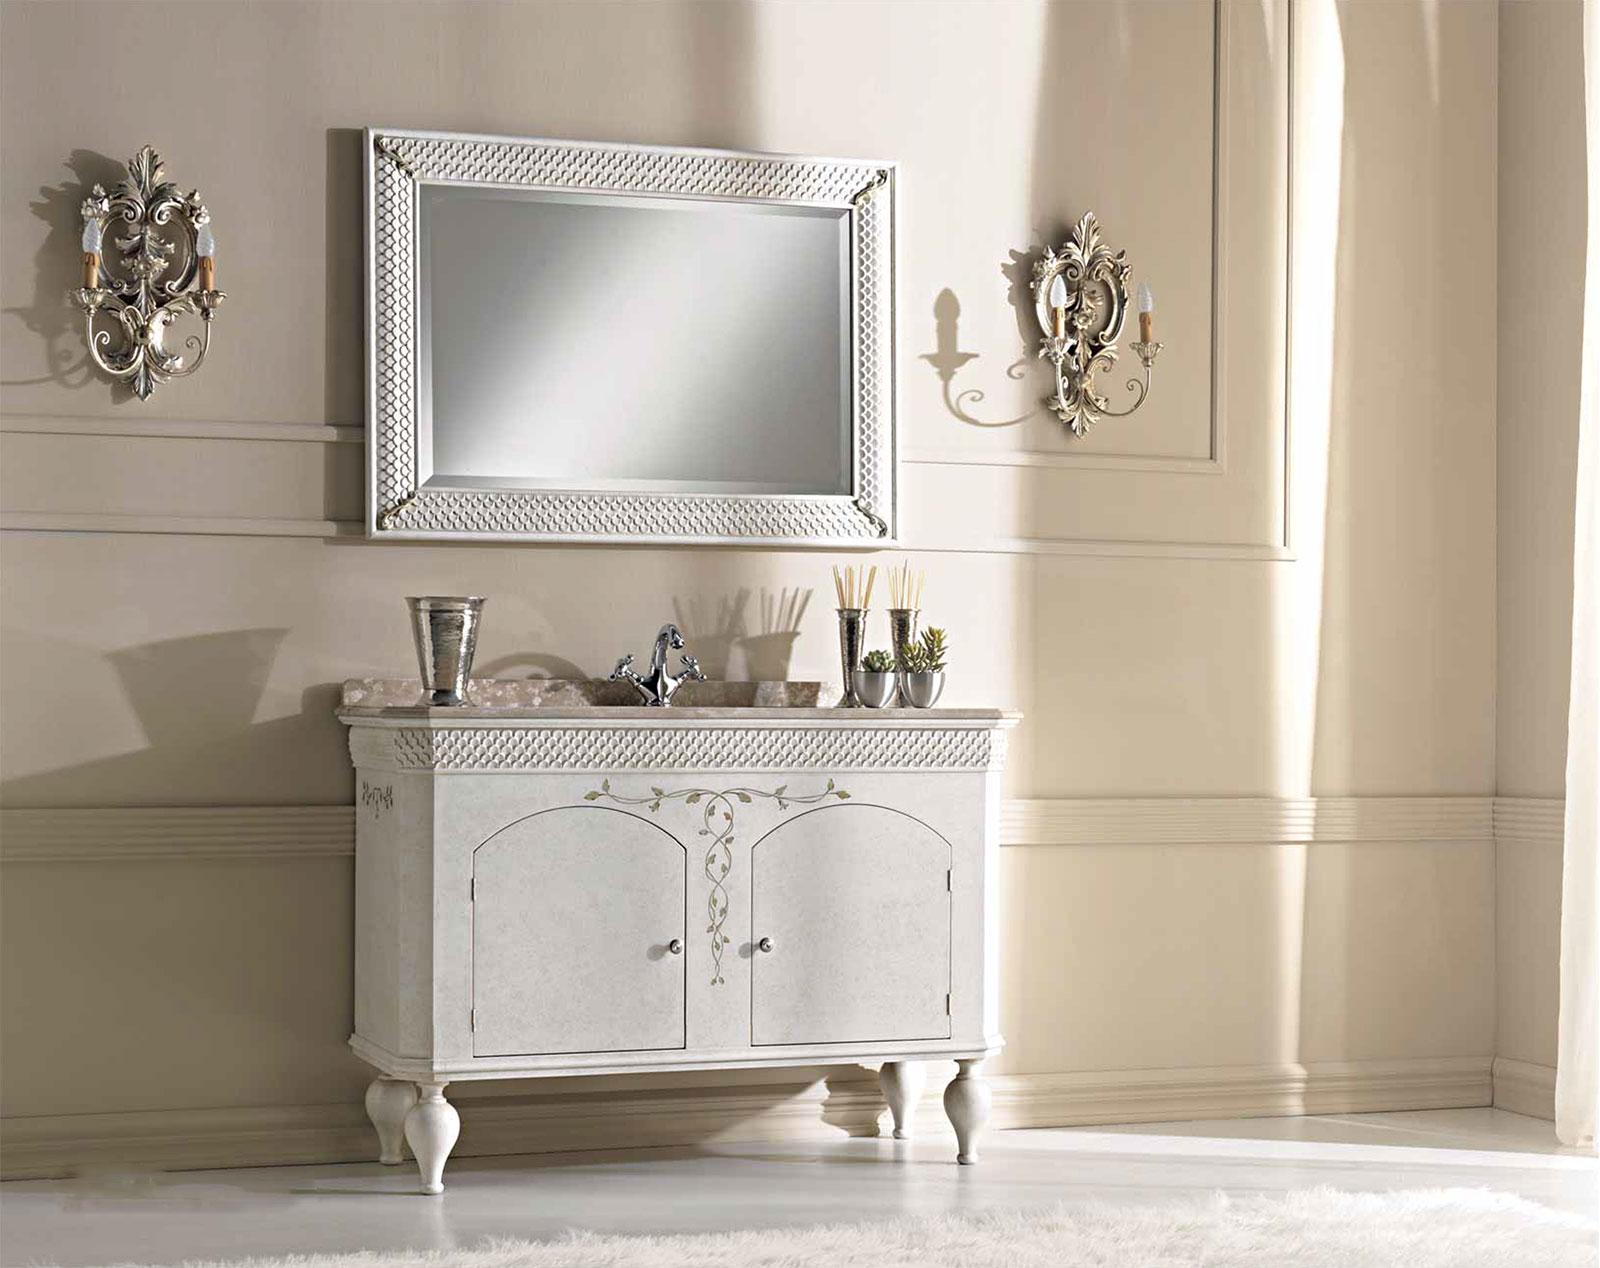 Foto bagni classici perfect stile classico o moderno per - Mobiletti bagno classici ...